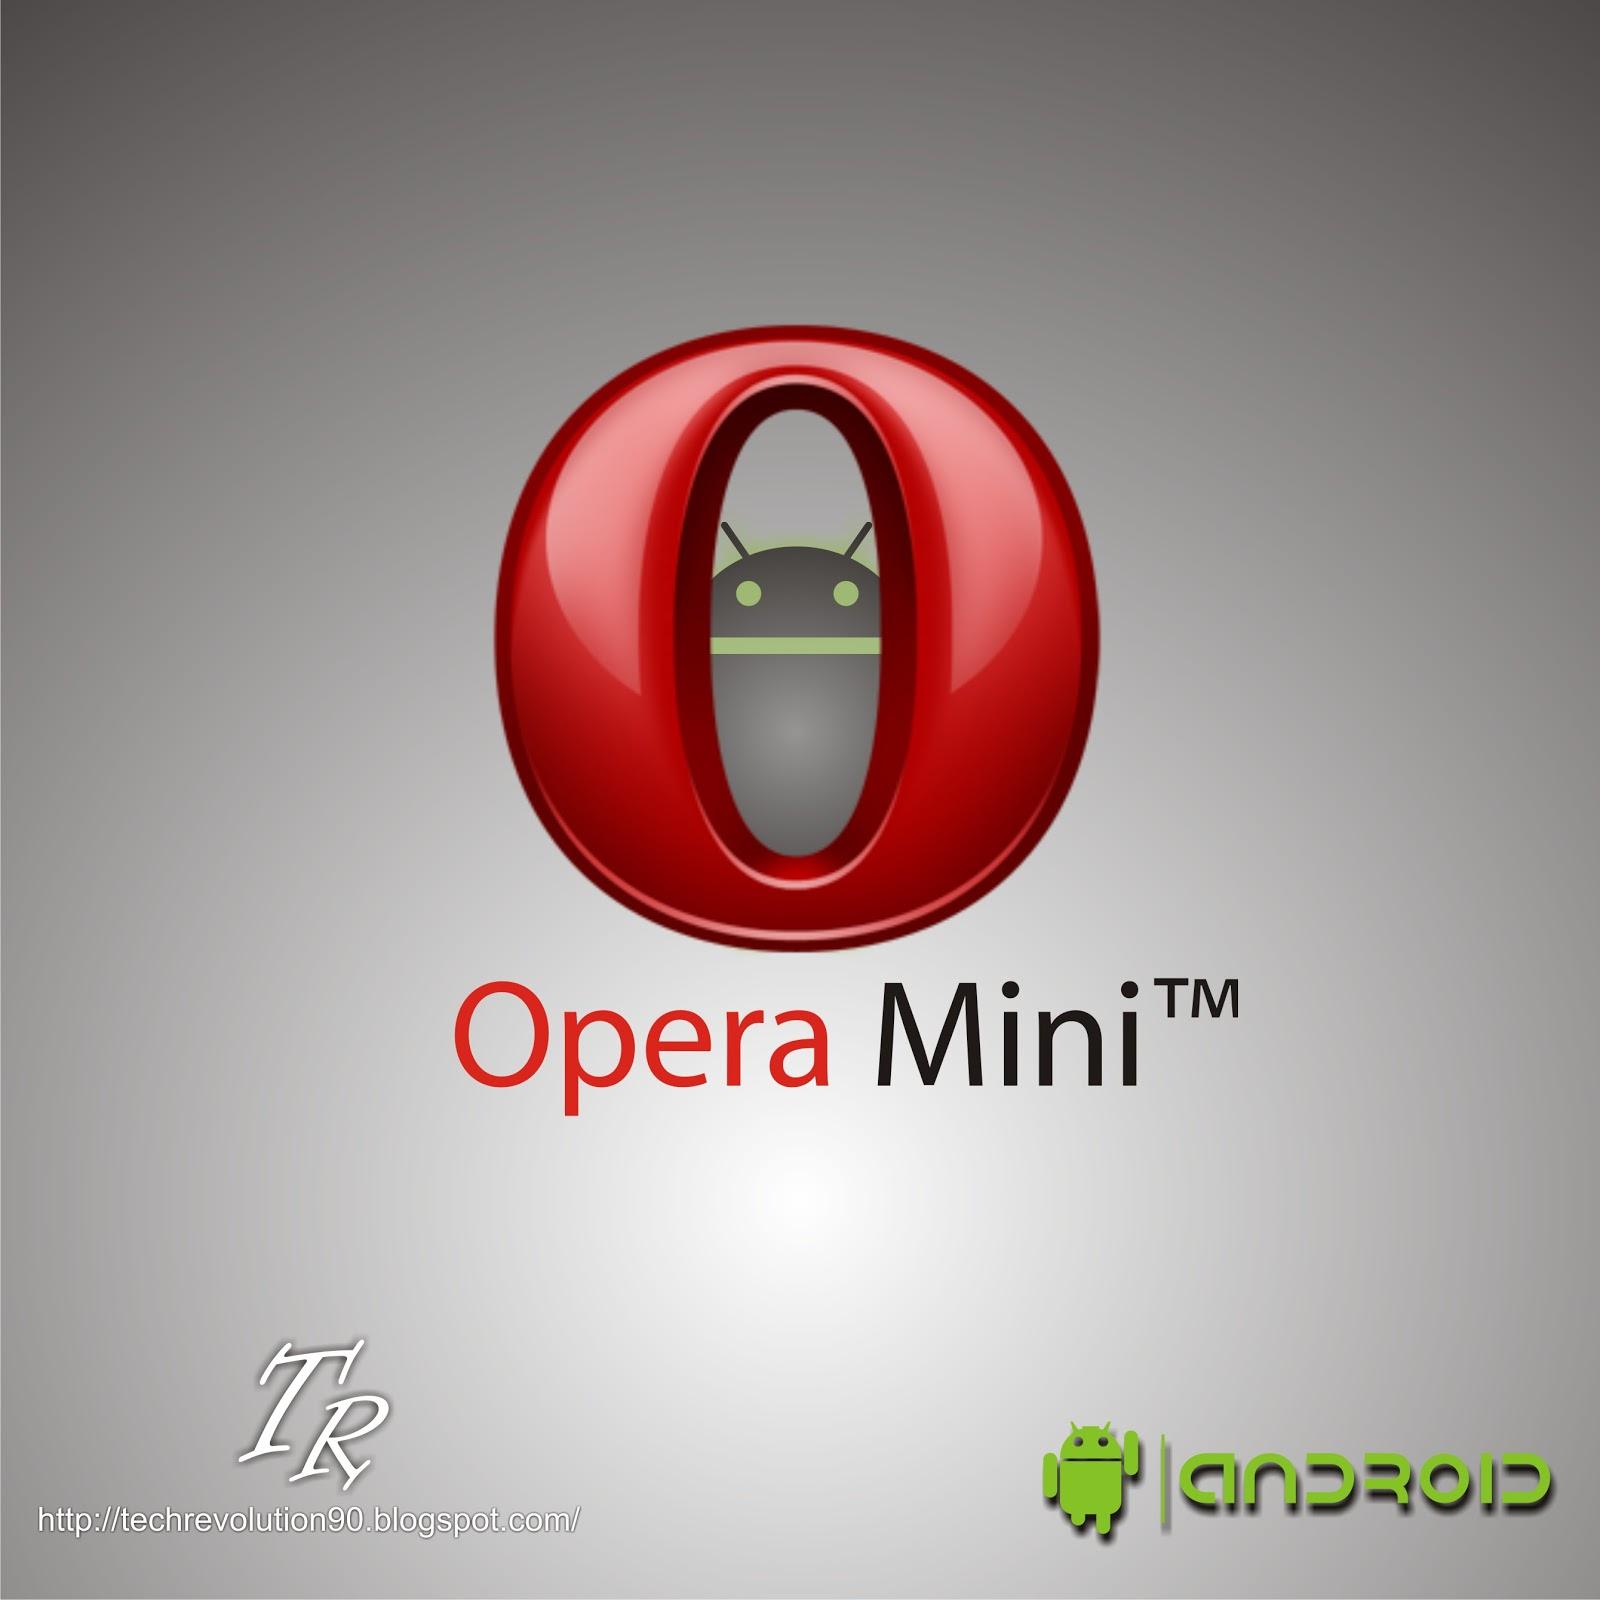 Скачать Оперу Мини Напрямку Для Андроид 1.5